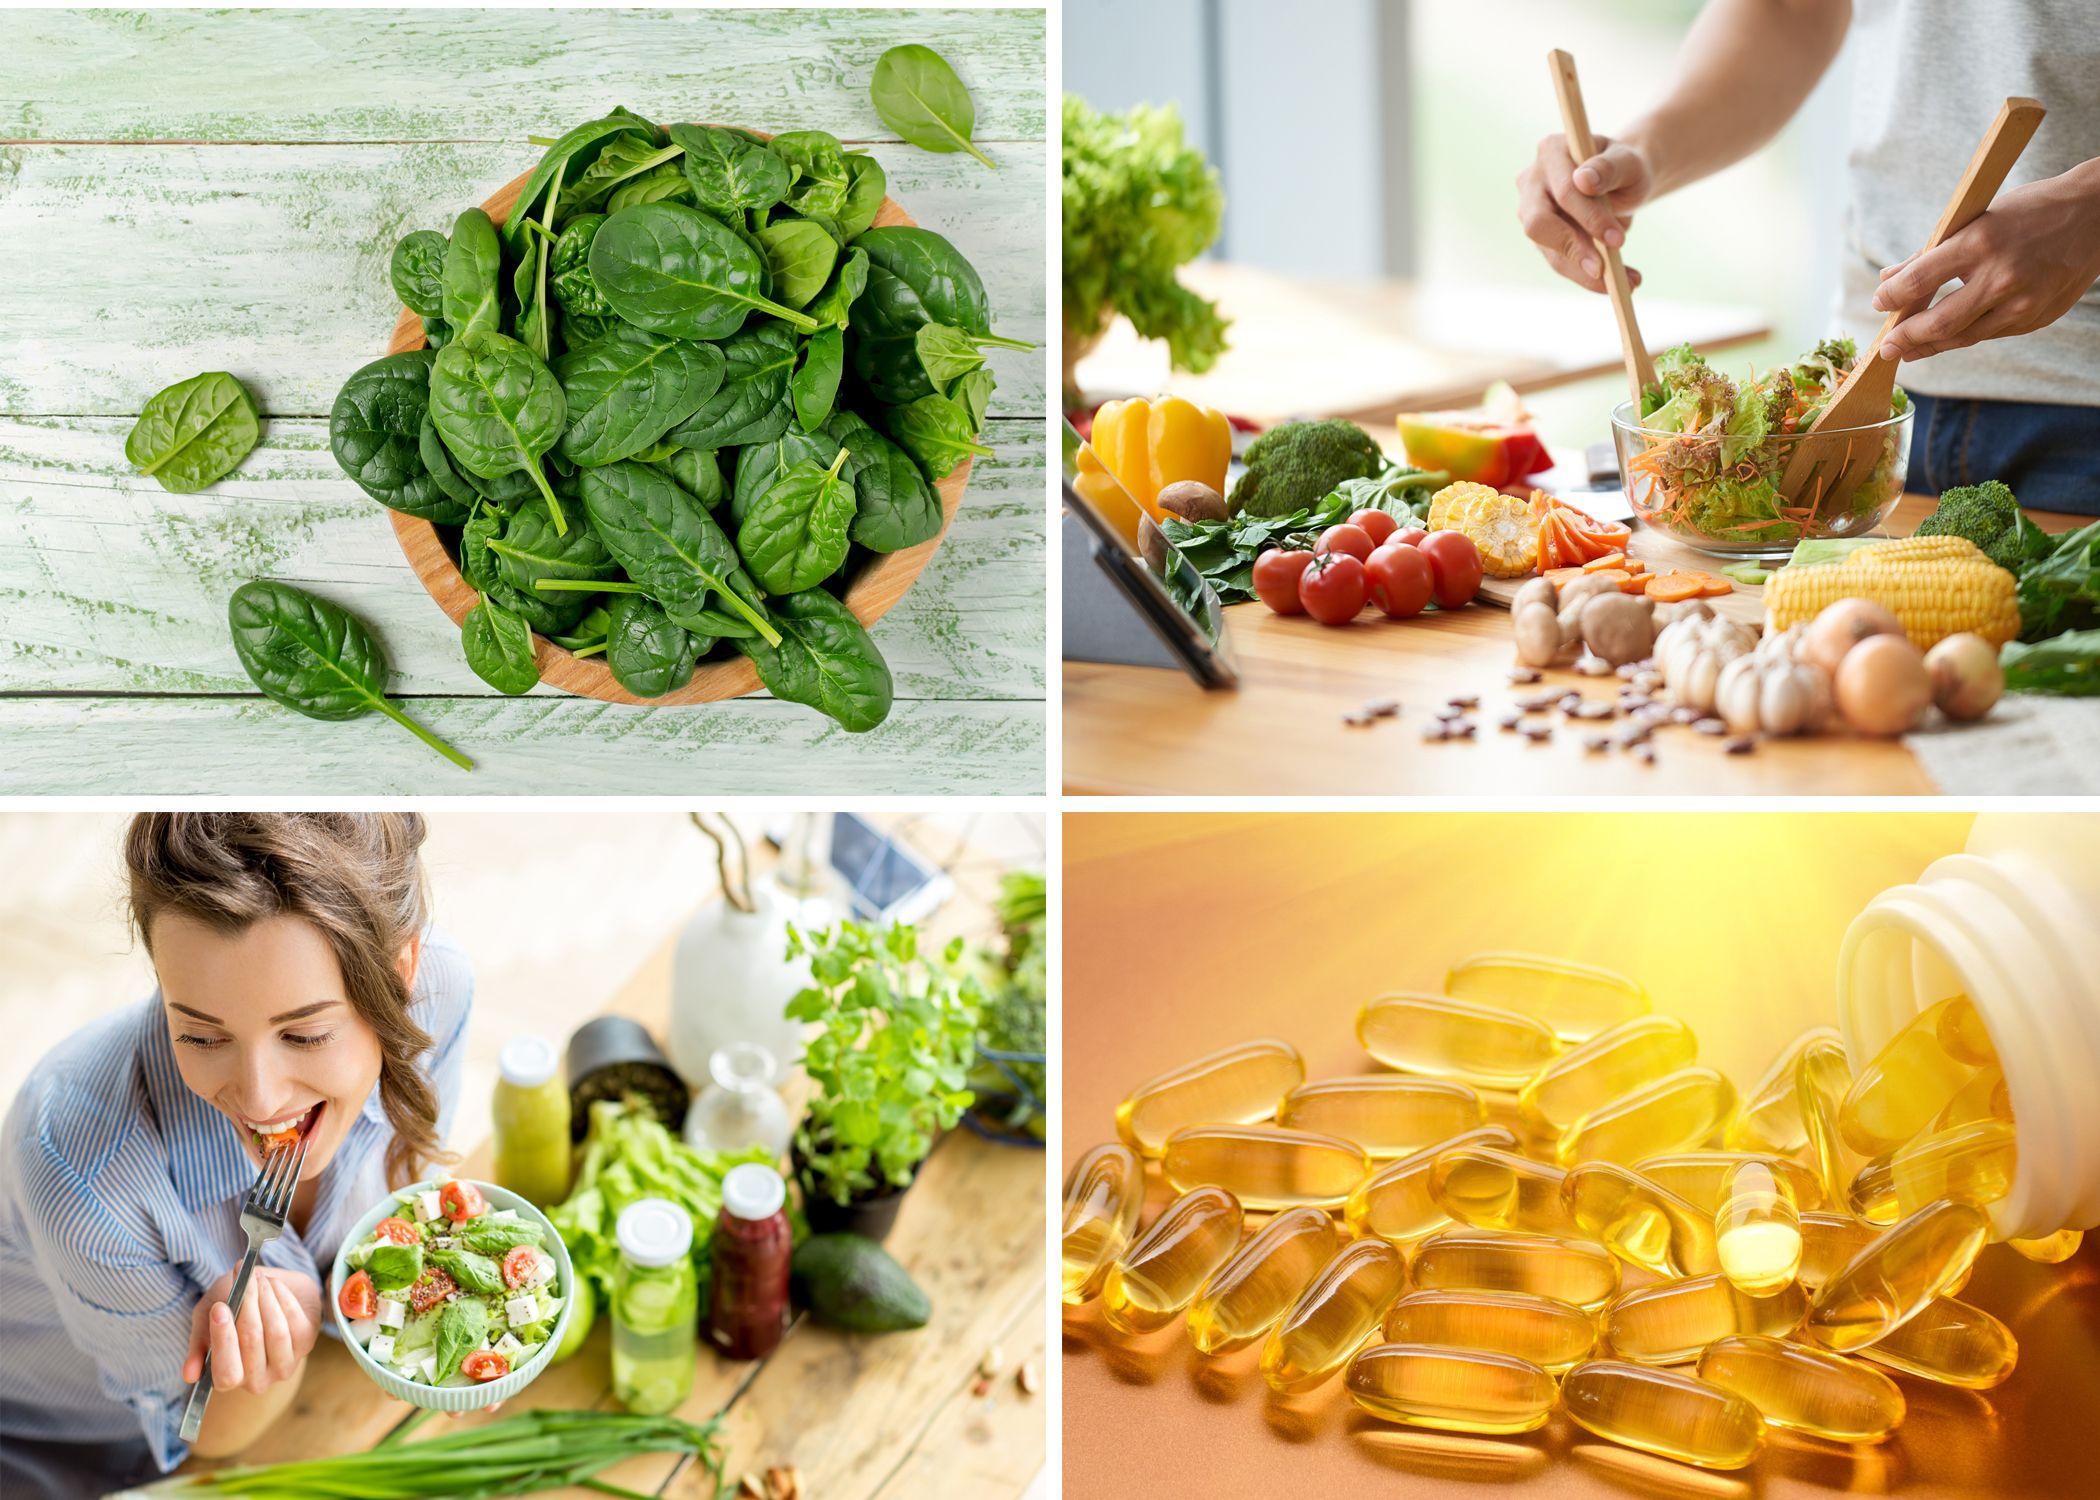 How do people go vegetarian diet